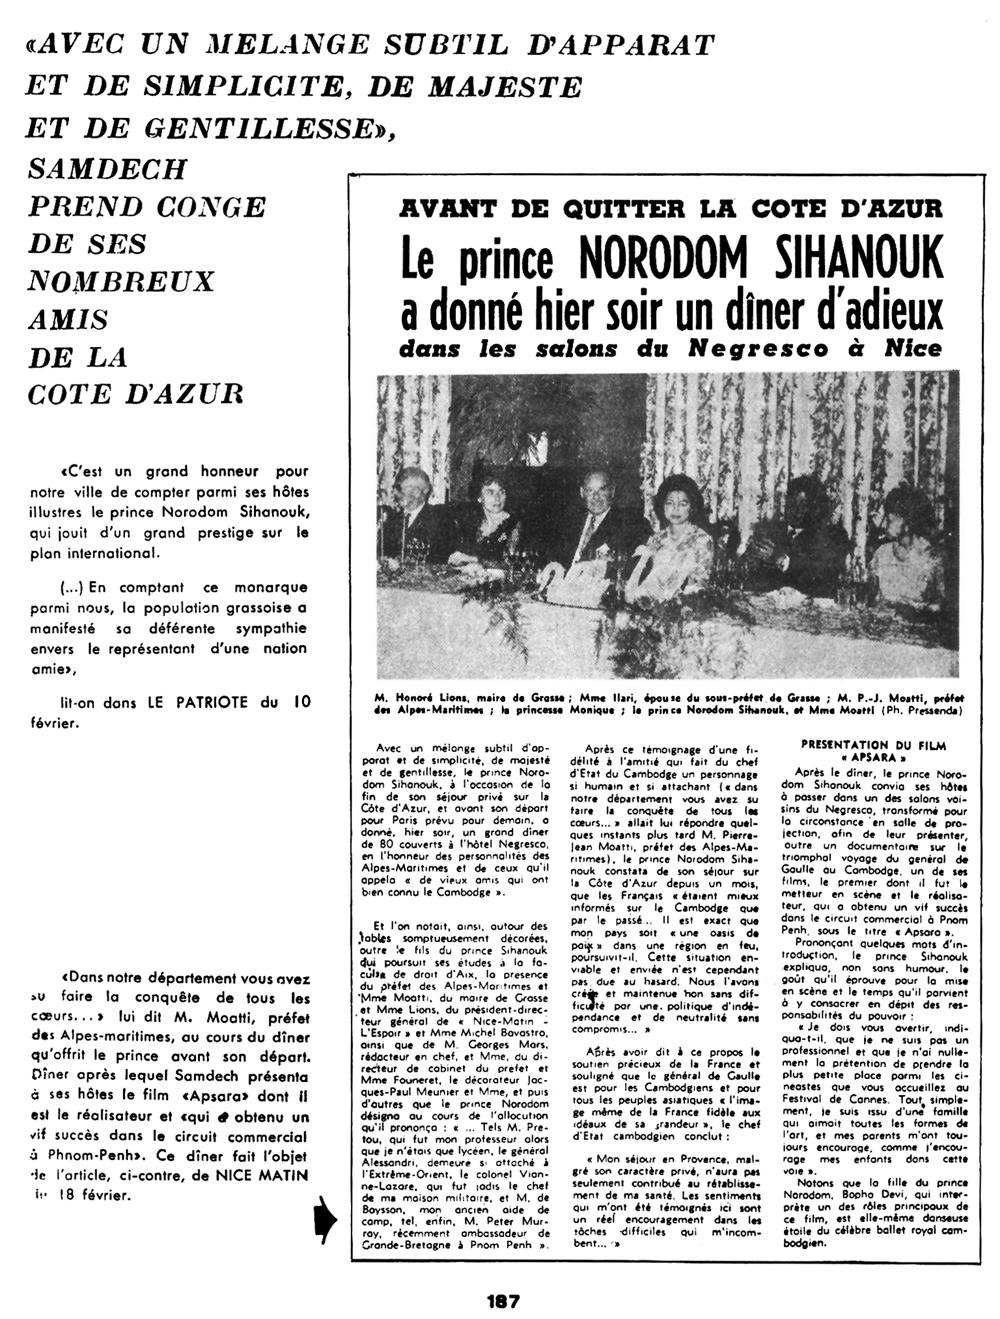 All/history/Histoire/NorodomSihanoukenFrance/NorodomSihanoukenFrance/id409/photo009.jpg